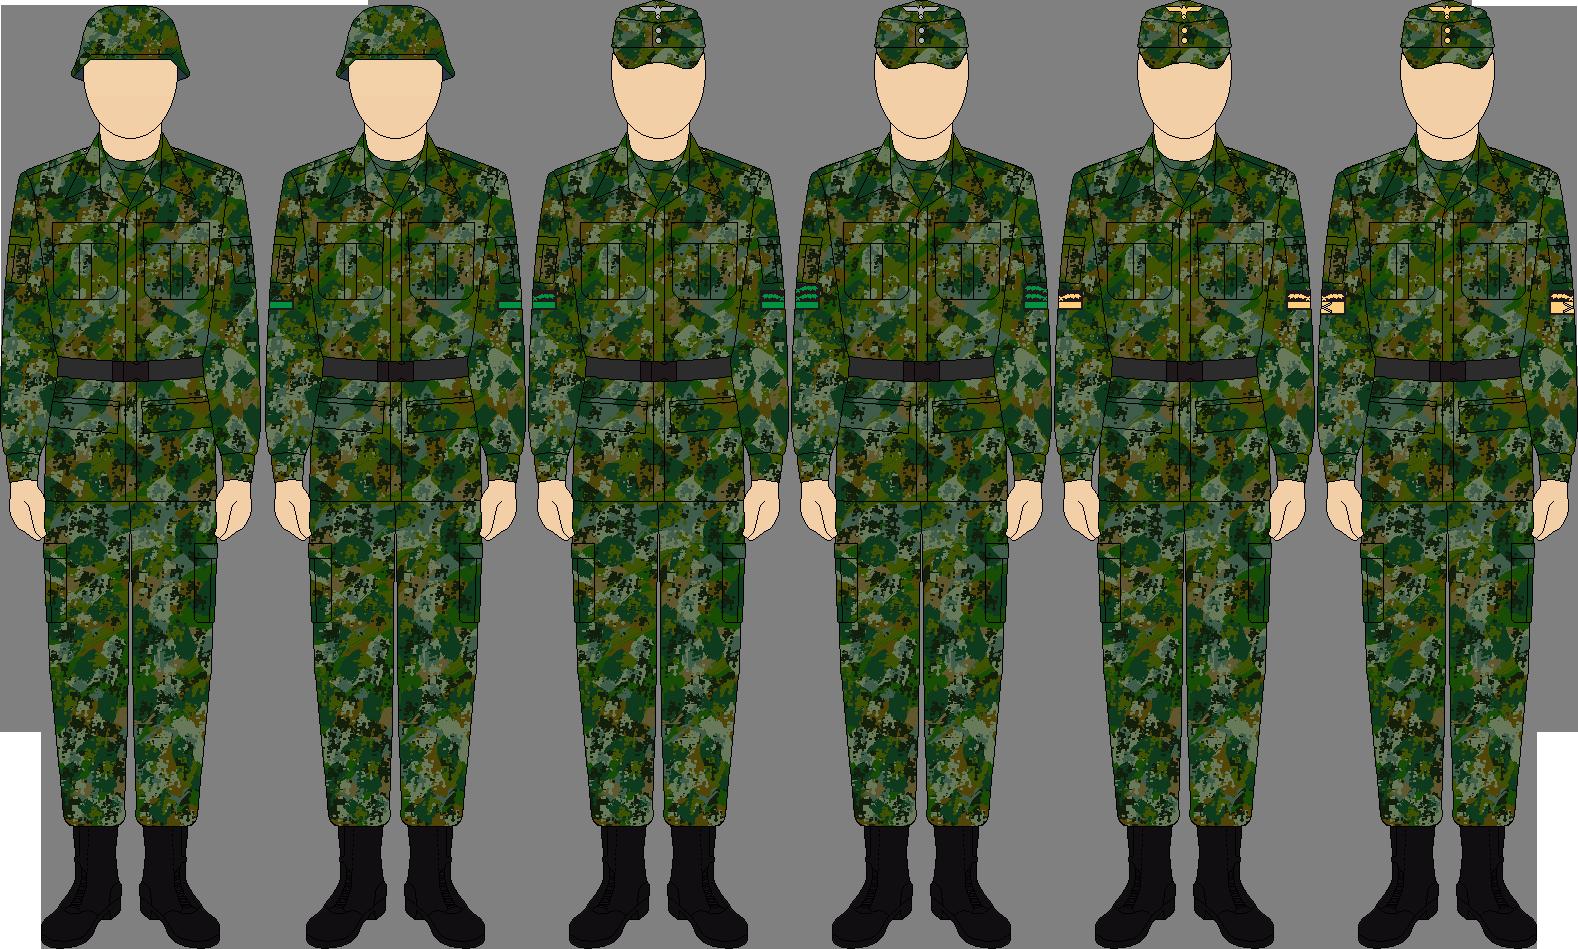 холста построена картинка форма российского войска меня